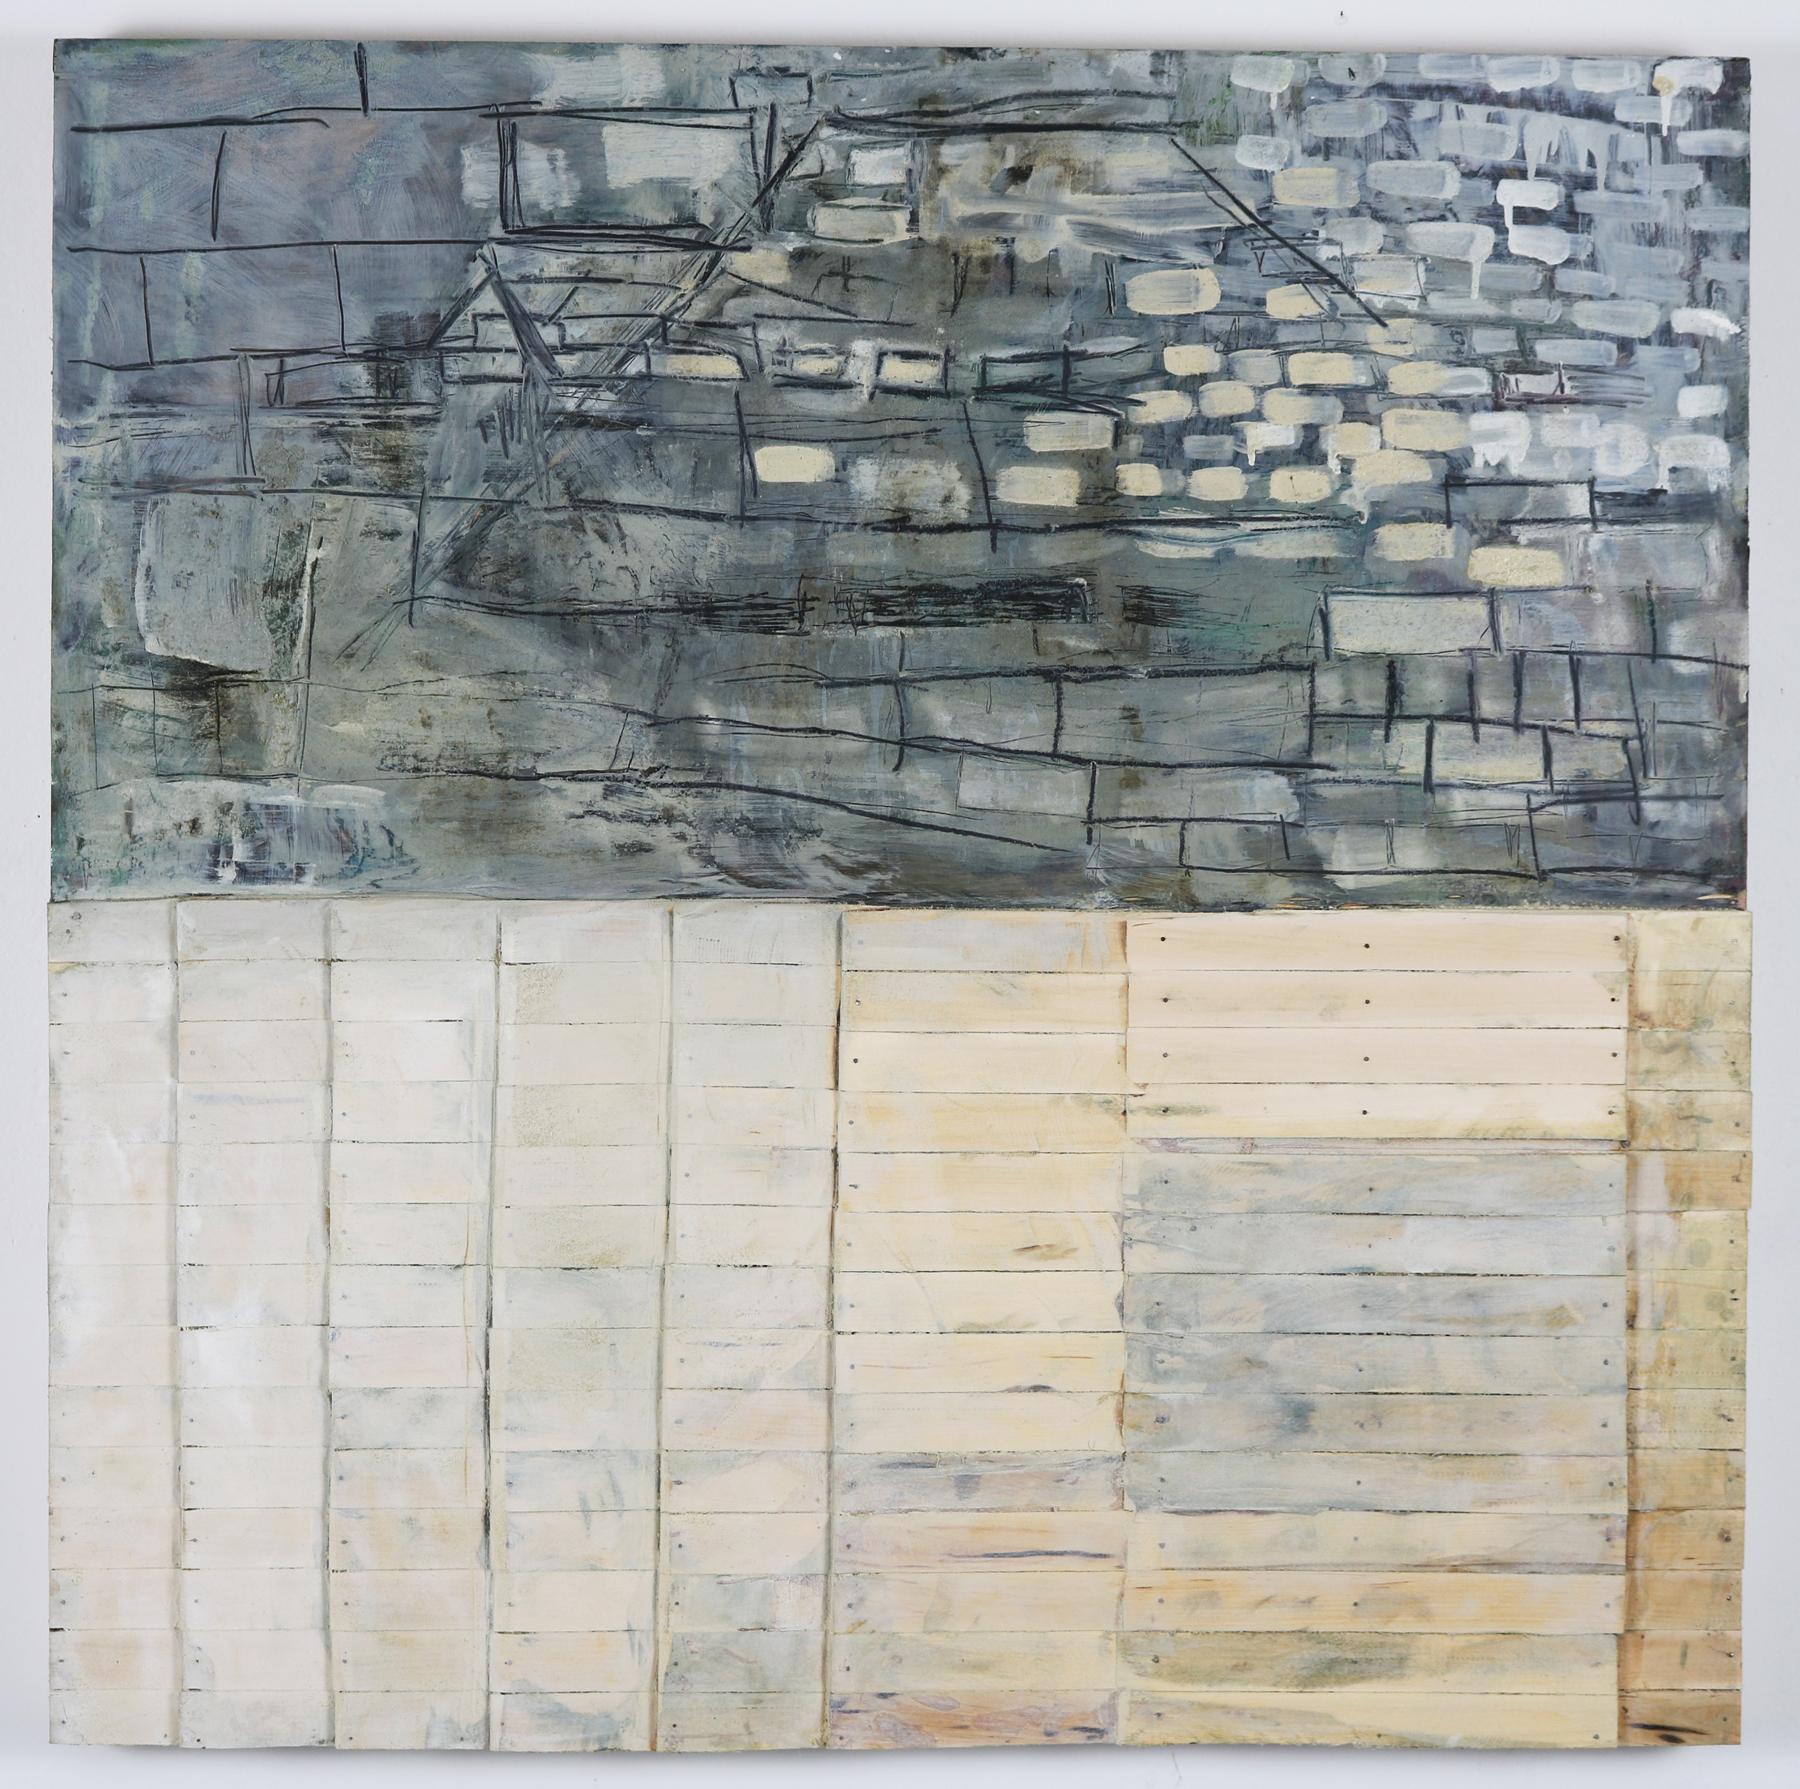 Leslie Zelamsky,  Dwelling I,  Mixed media, 40x40